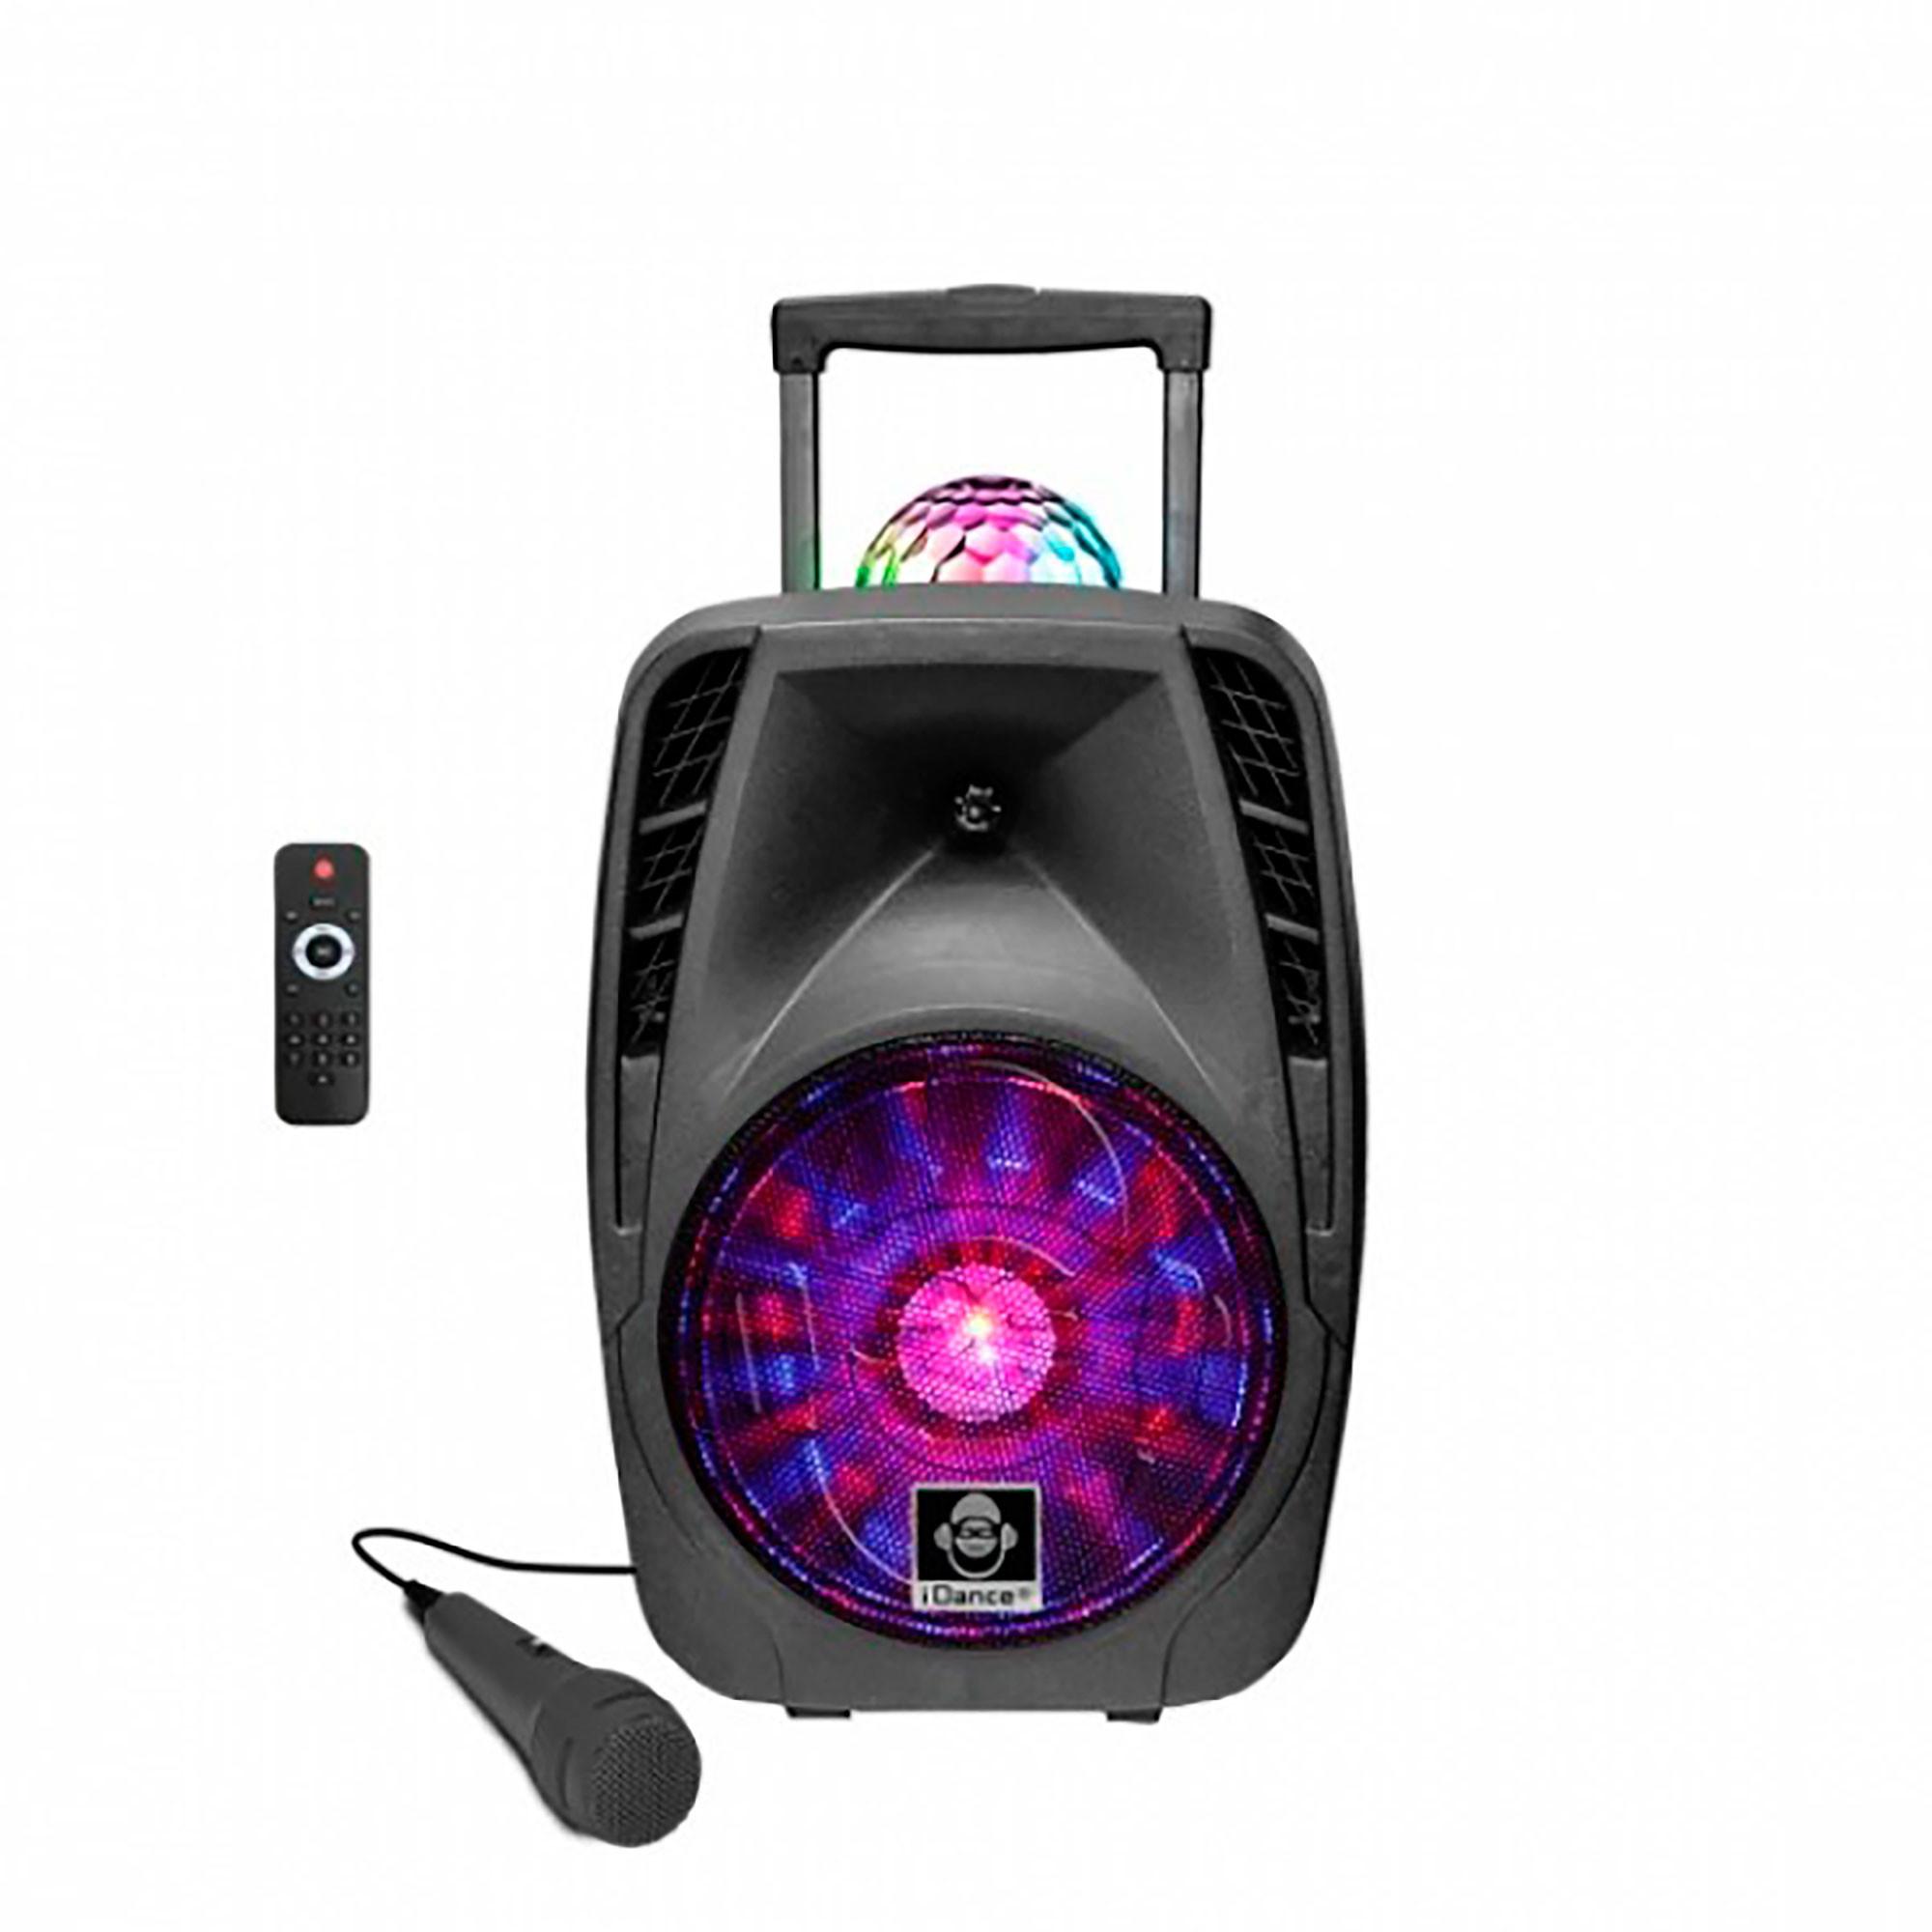 iDance Groove 426 Altavoz con Ruedas Tipo Maleta, Bluetooth, Iluminación LED Discoteca, Potencia de Sonido 500W, Inalámbrico, Batería Recargable, Negro